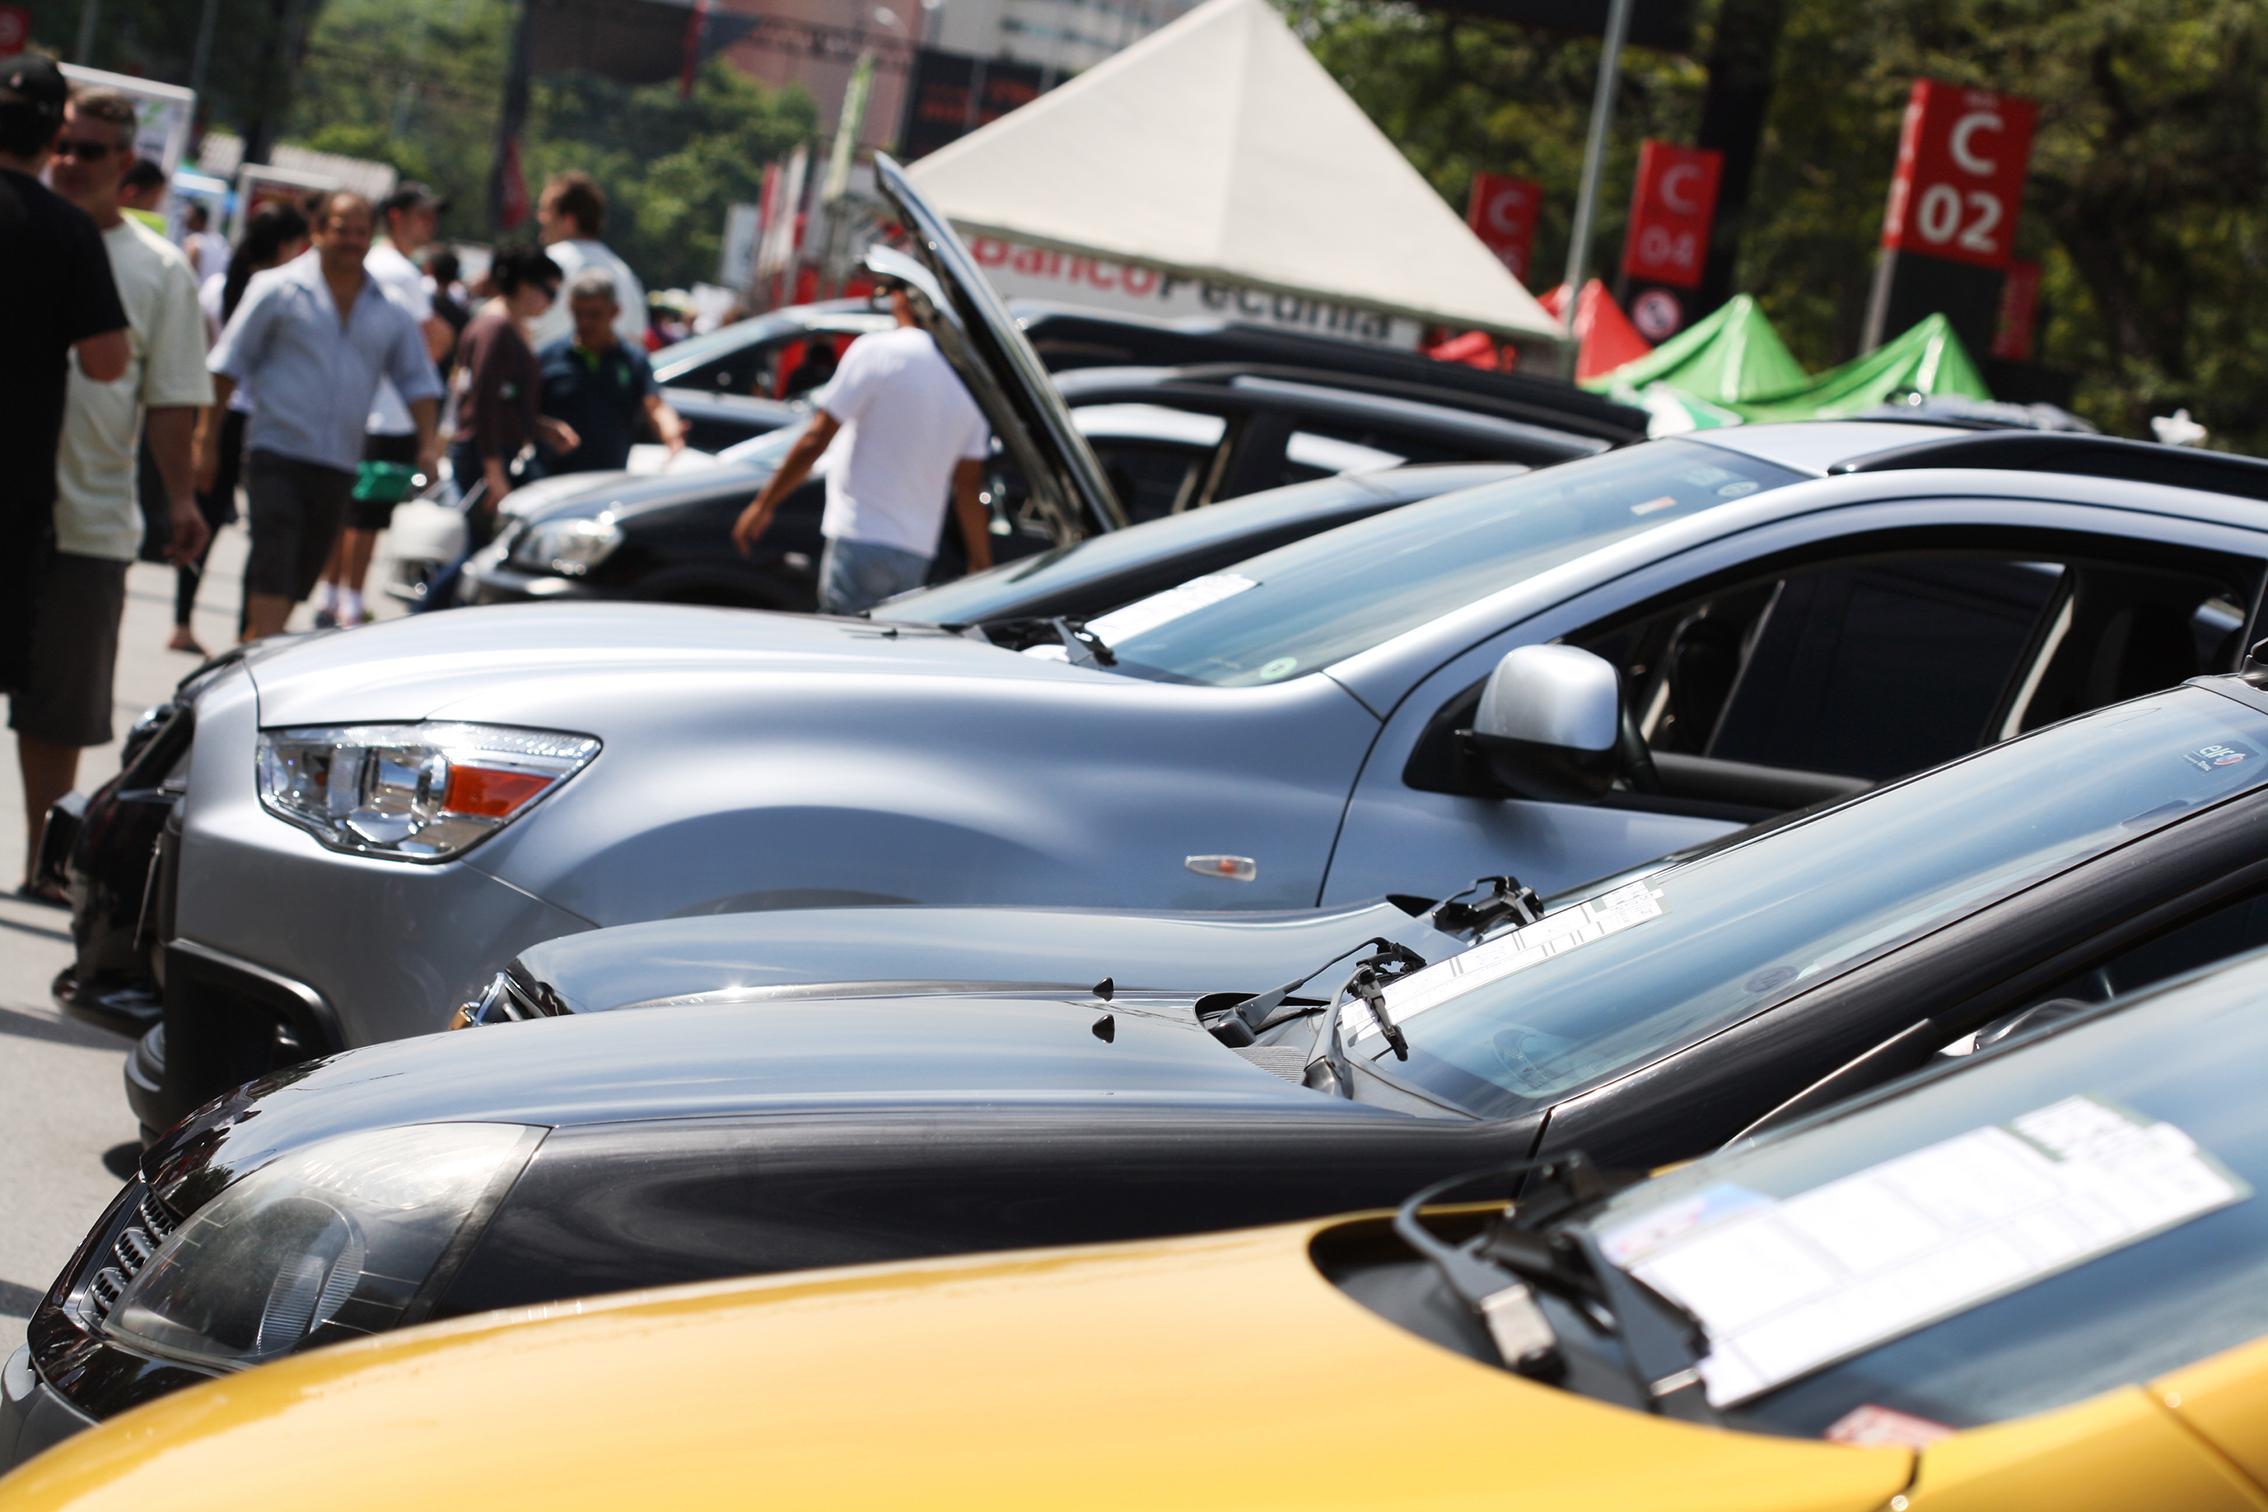 Consumo inteligente: onde comprar e vender carros usados?